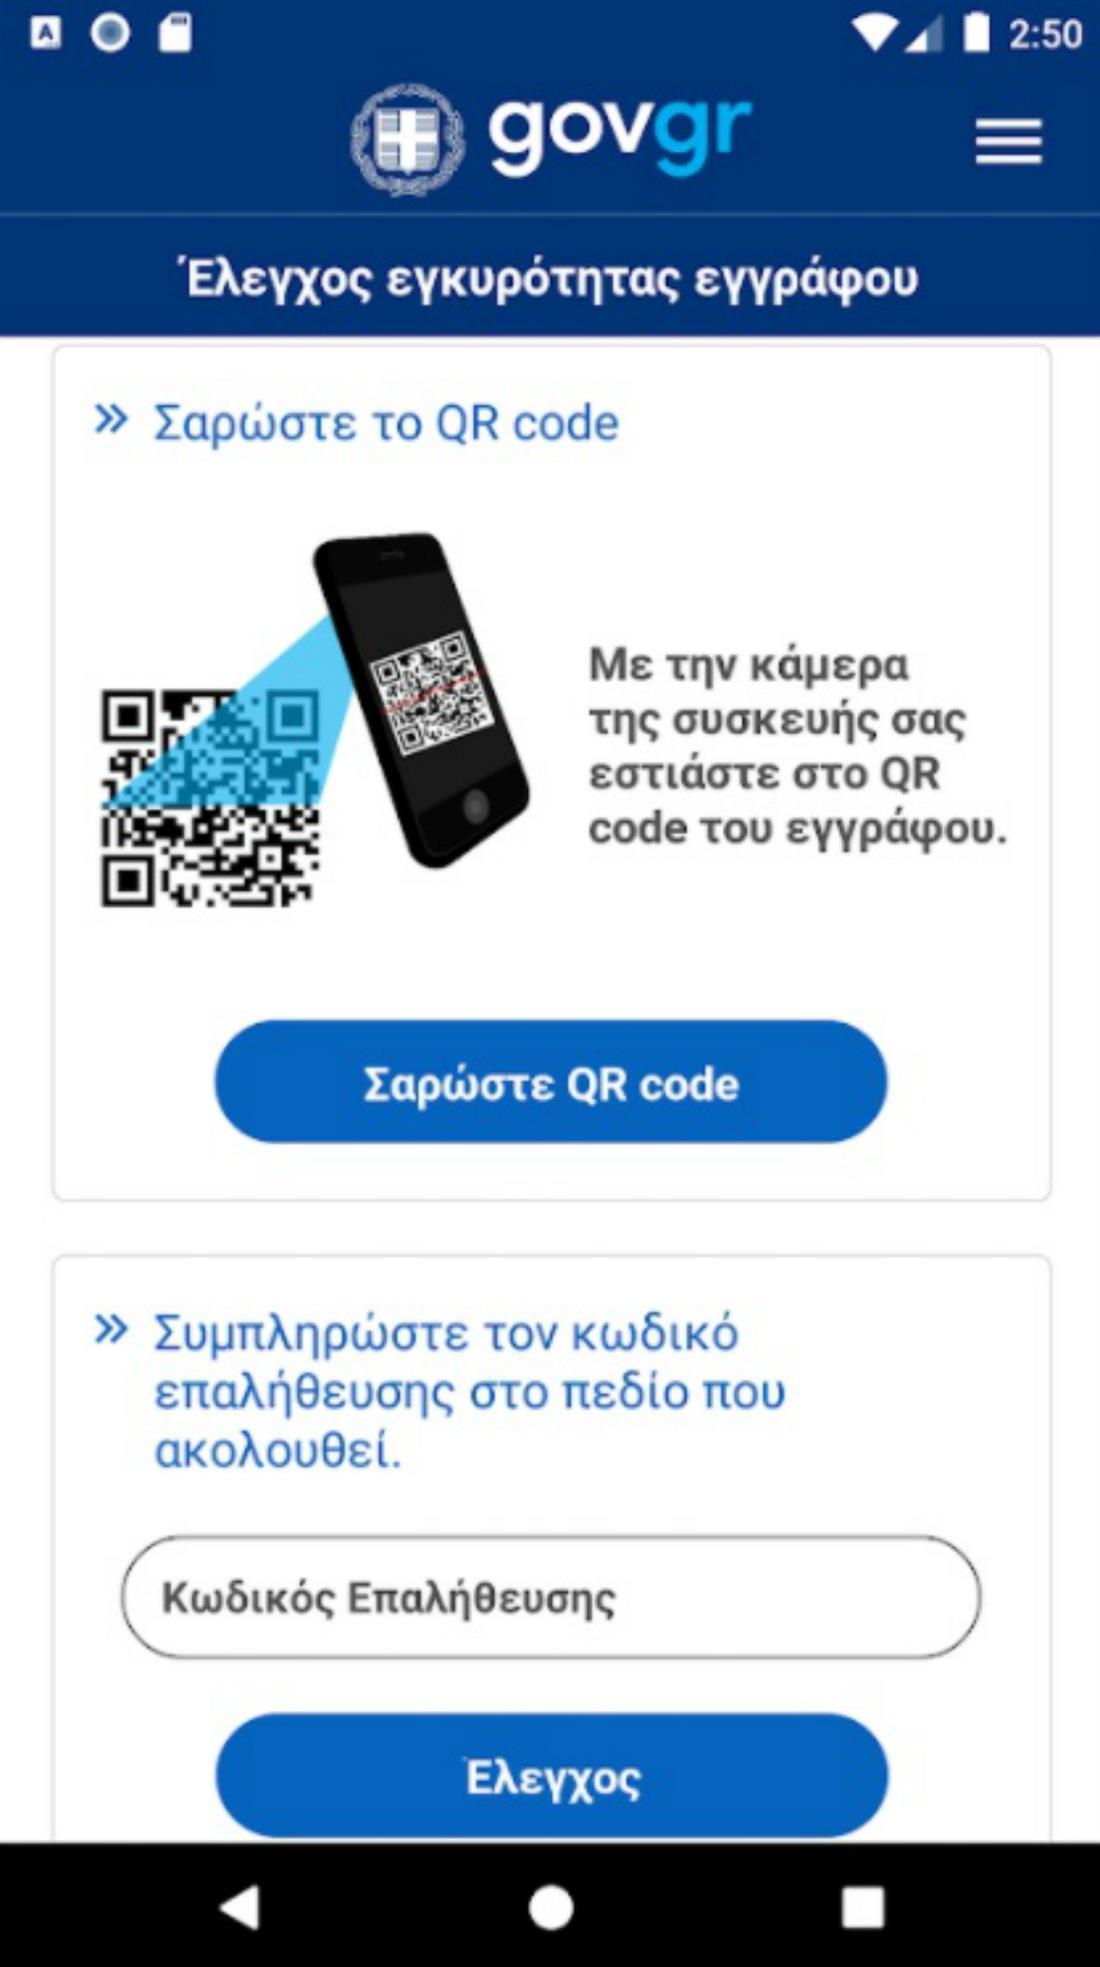 Gov.gr - εφαρμογή για κινητά τηλέφωνα